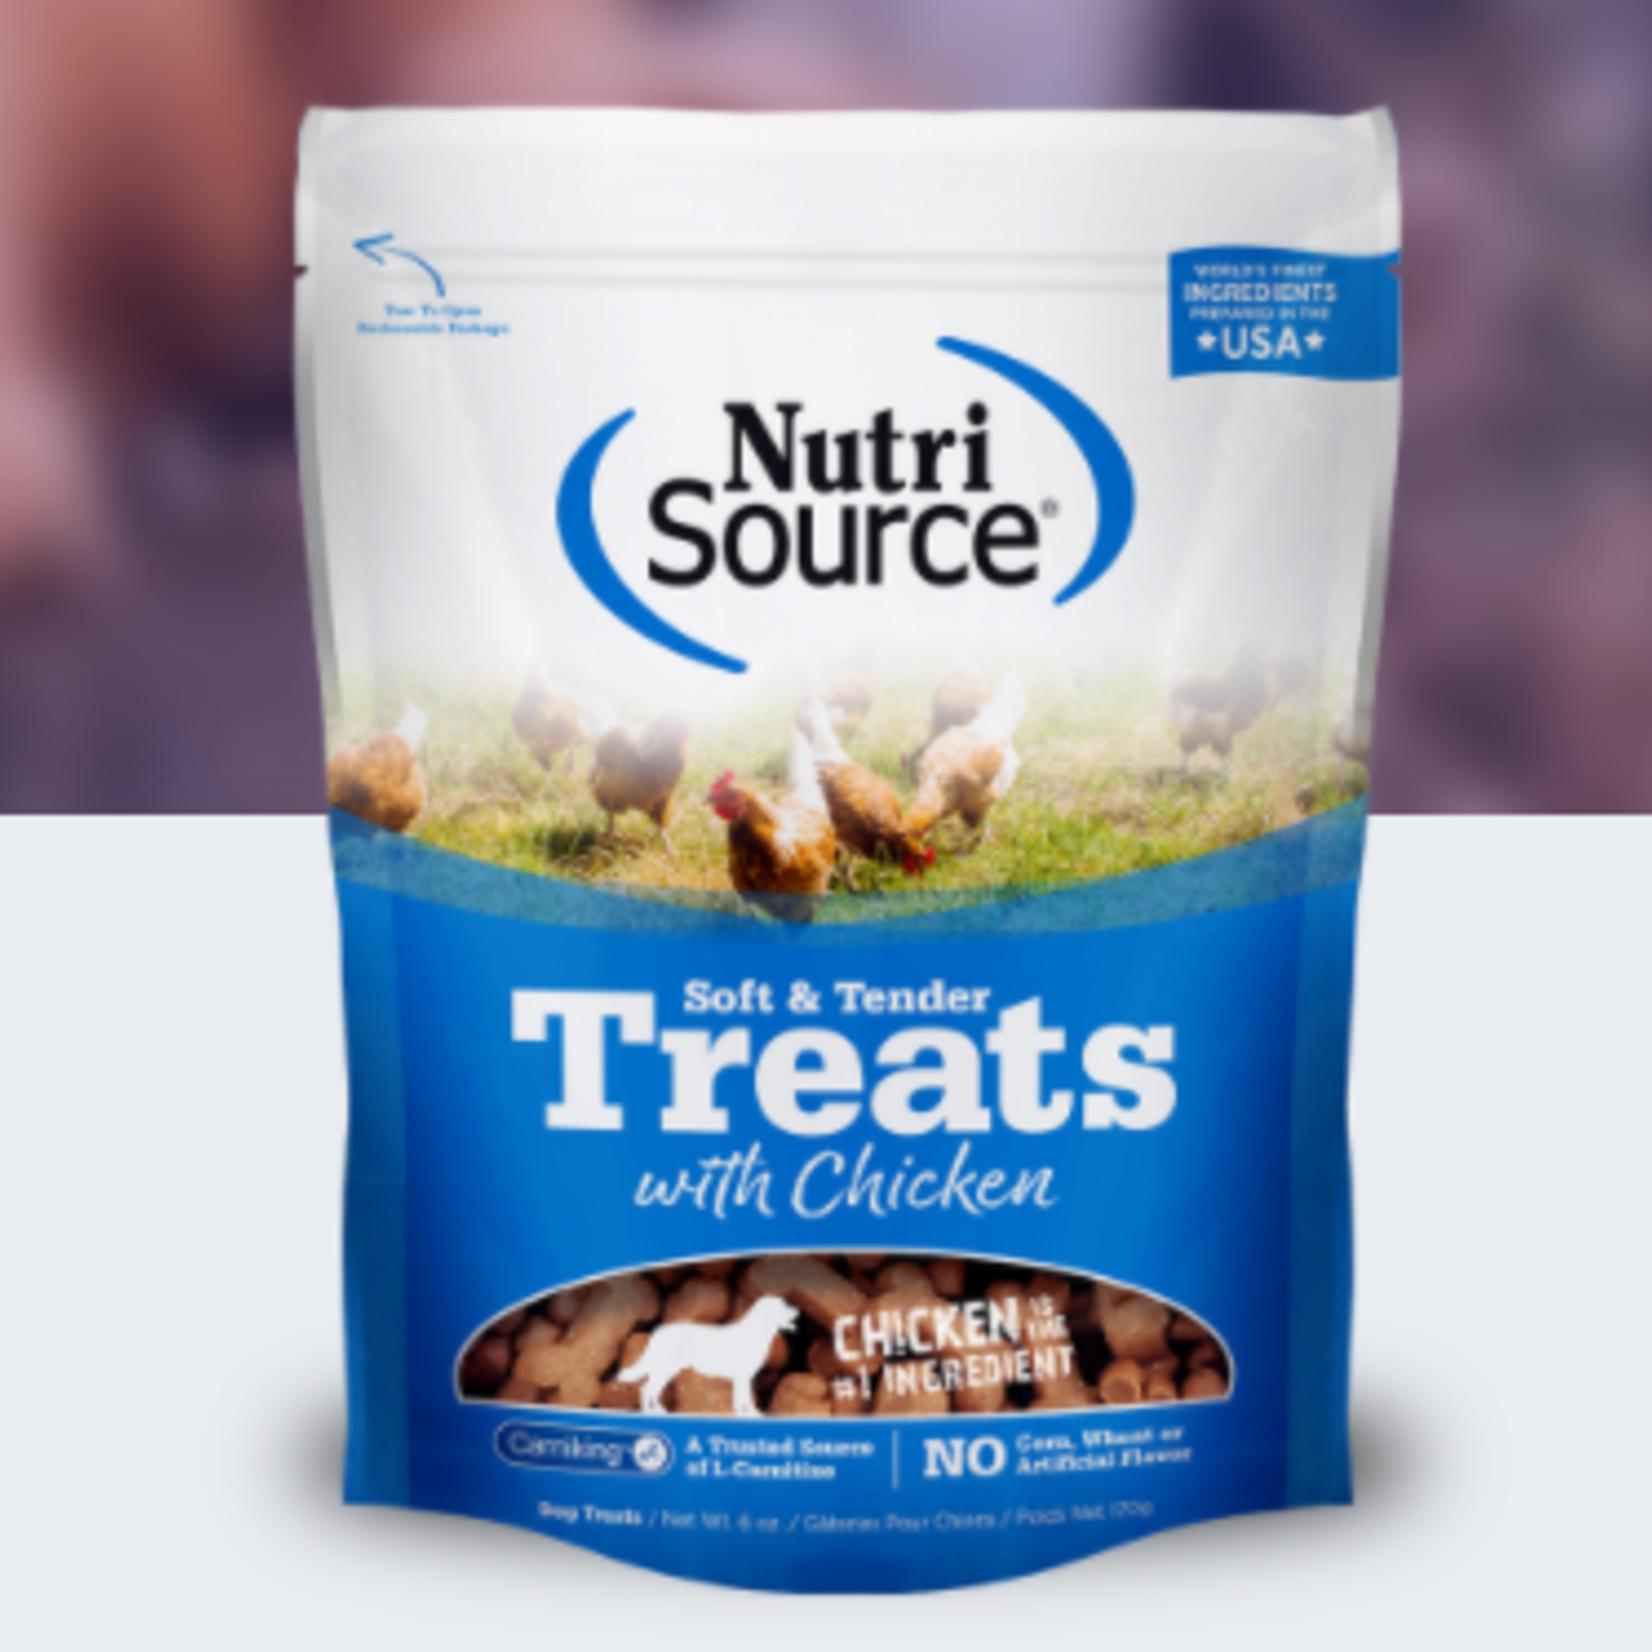 Nutri-Source Gâteries au poulet tendres -14 oz